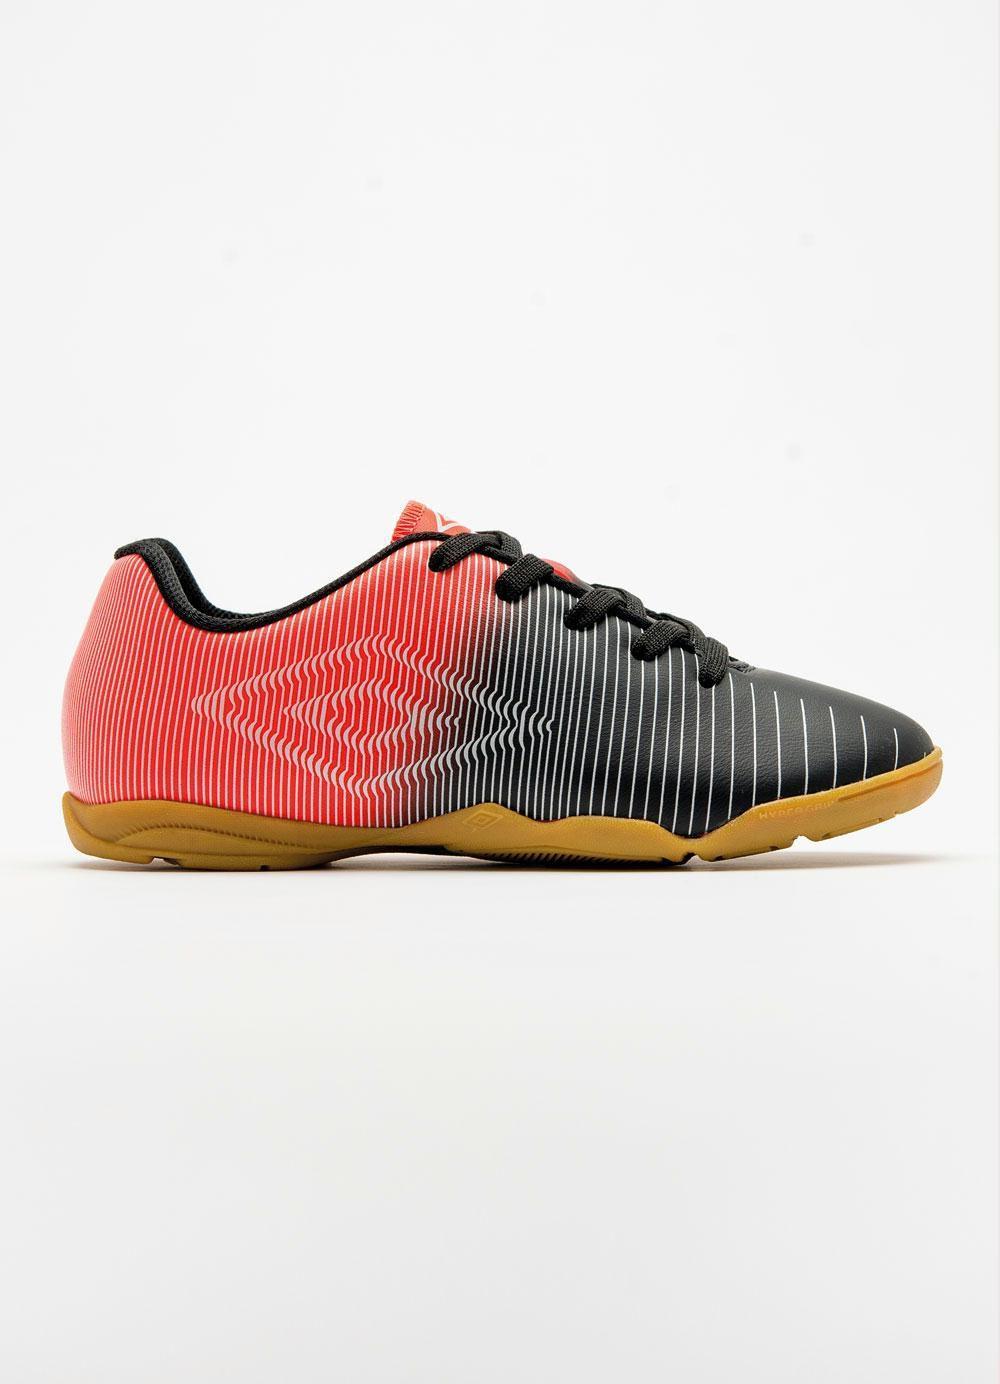 43f0aeb823e67 Chuteira Futsal Umbro Vibe Jr - Preto Laranja - Tênis de Futsal ...